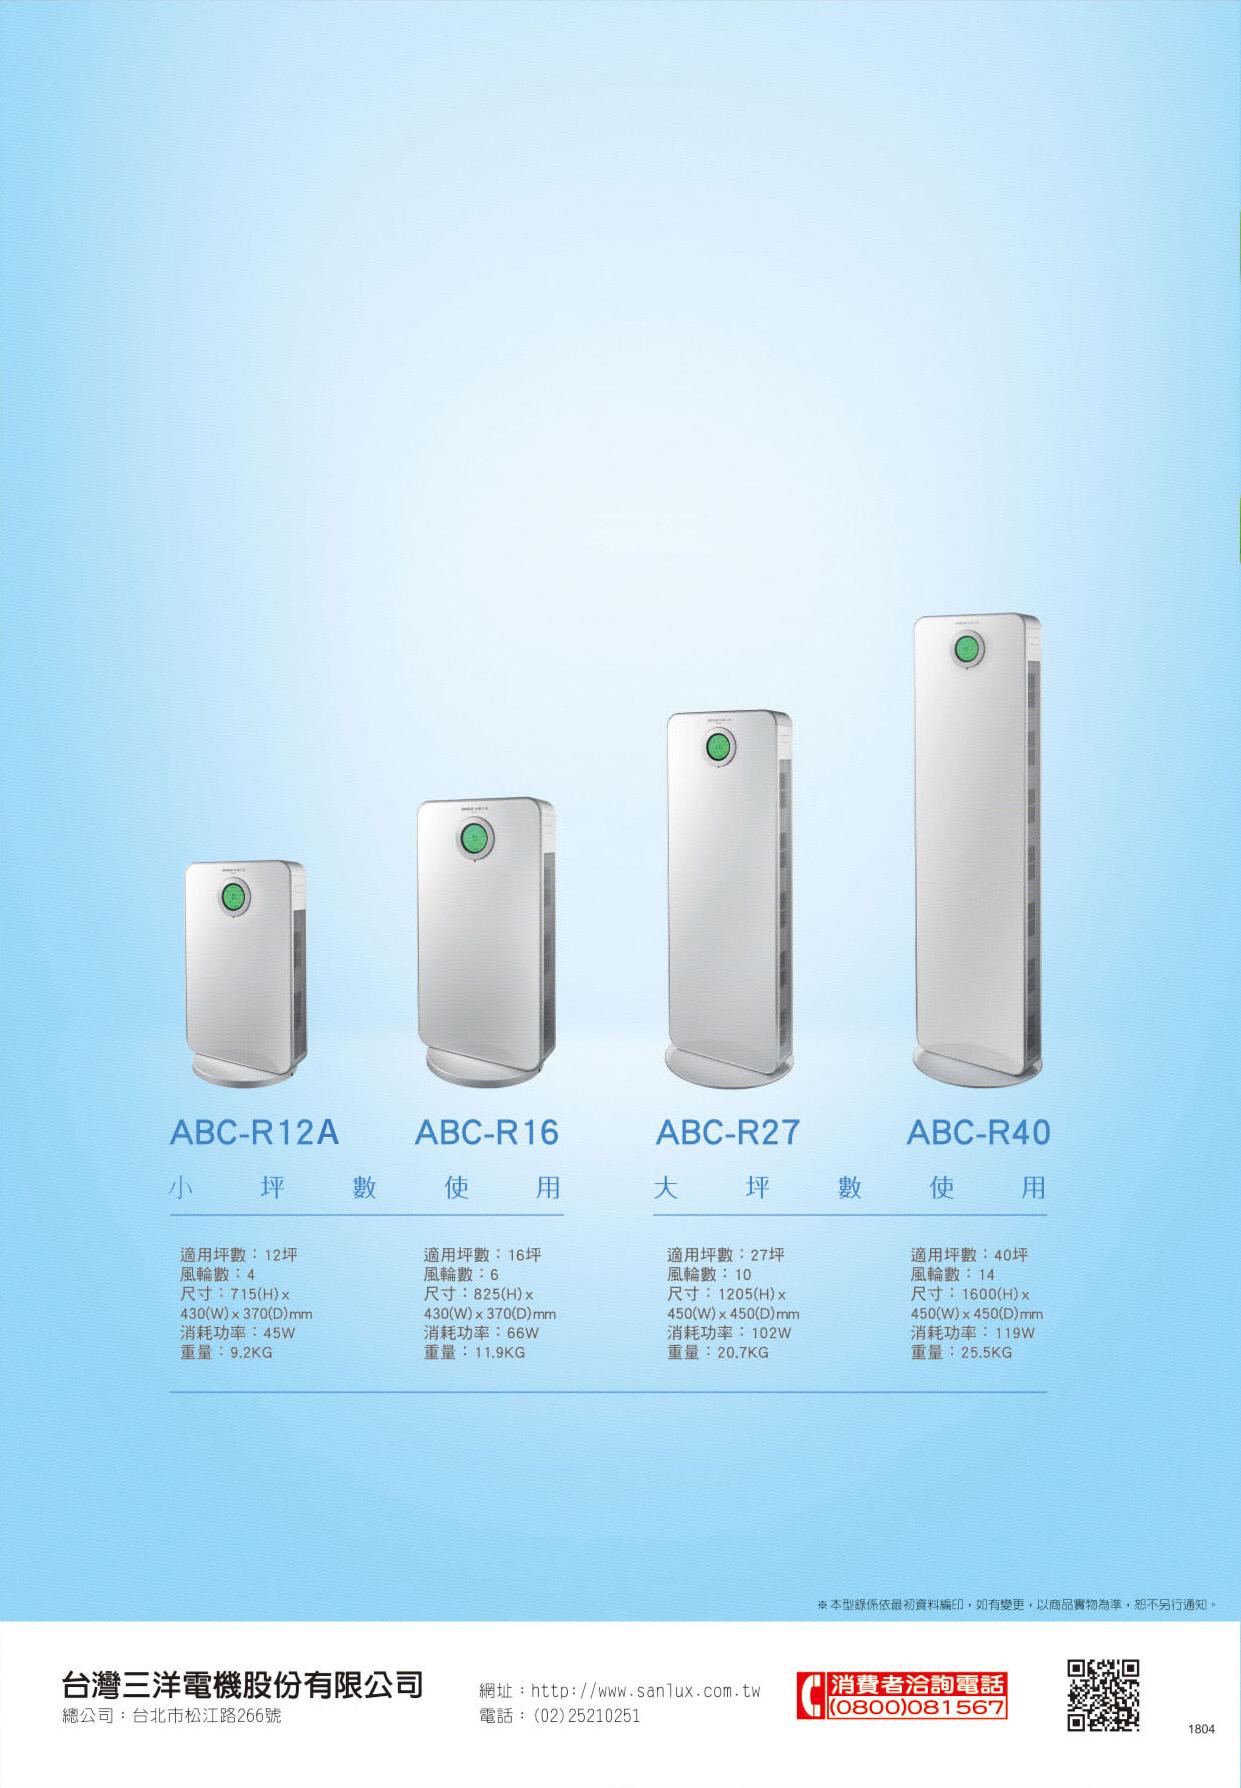 SANLUX 台灣三洋 ABC-R40 空氣清淨機 HEPA13 遙控器 PM2.5